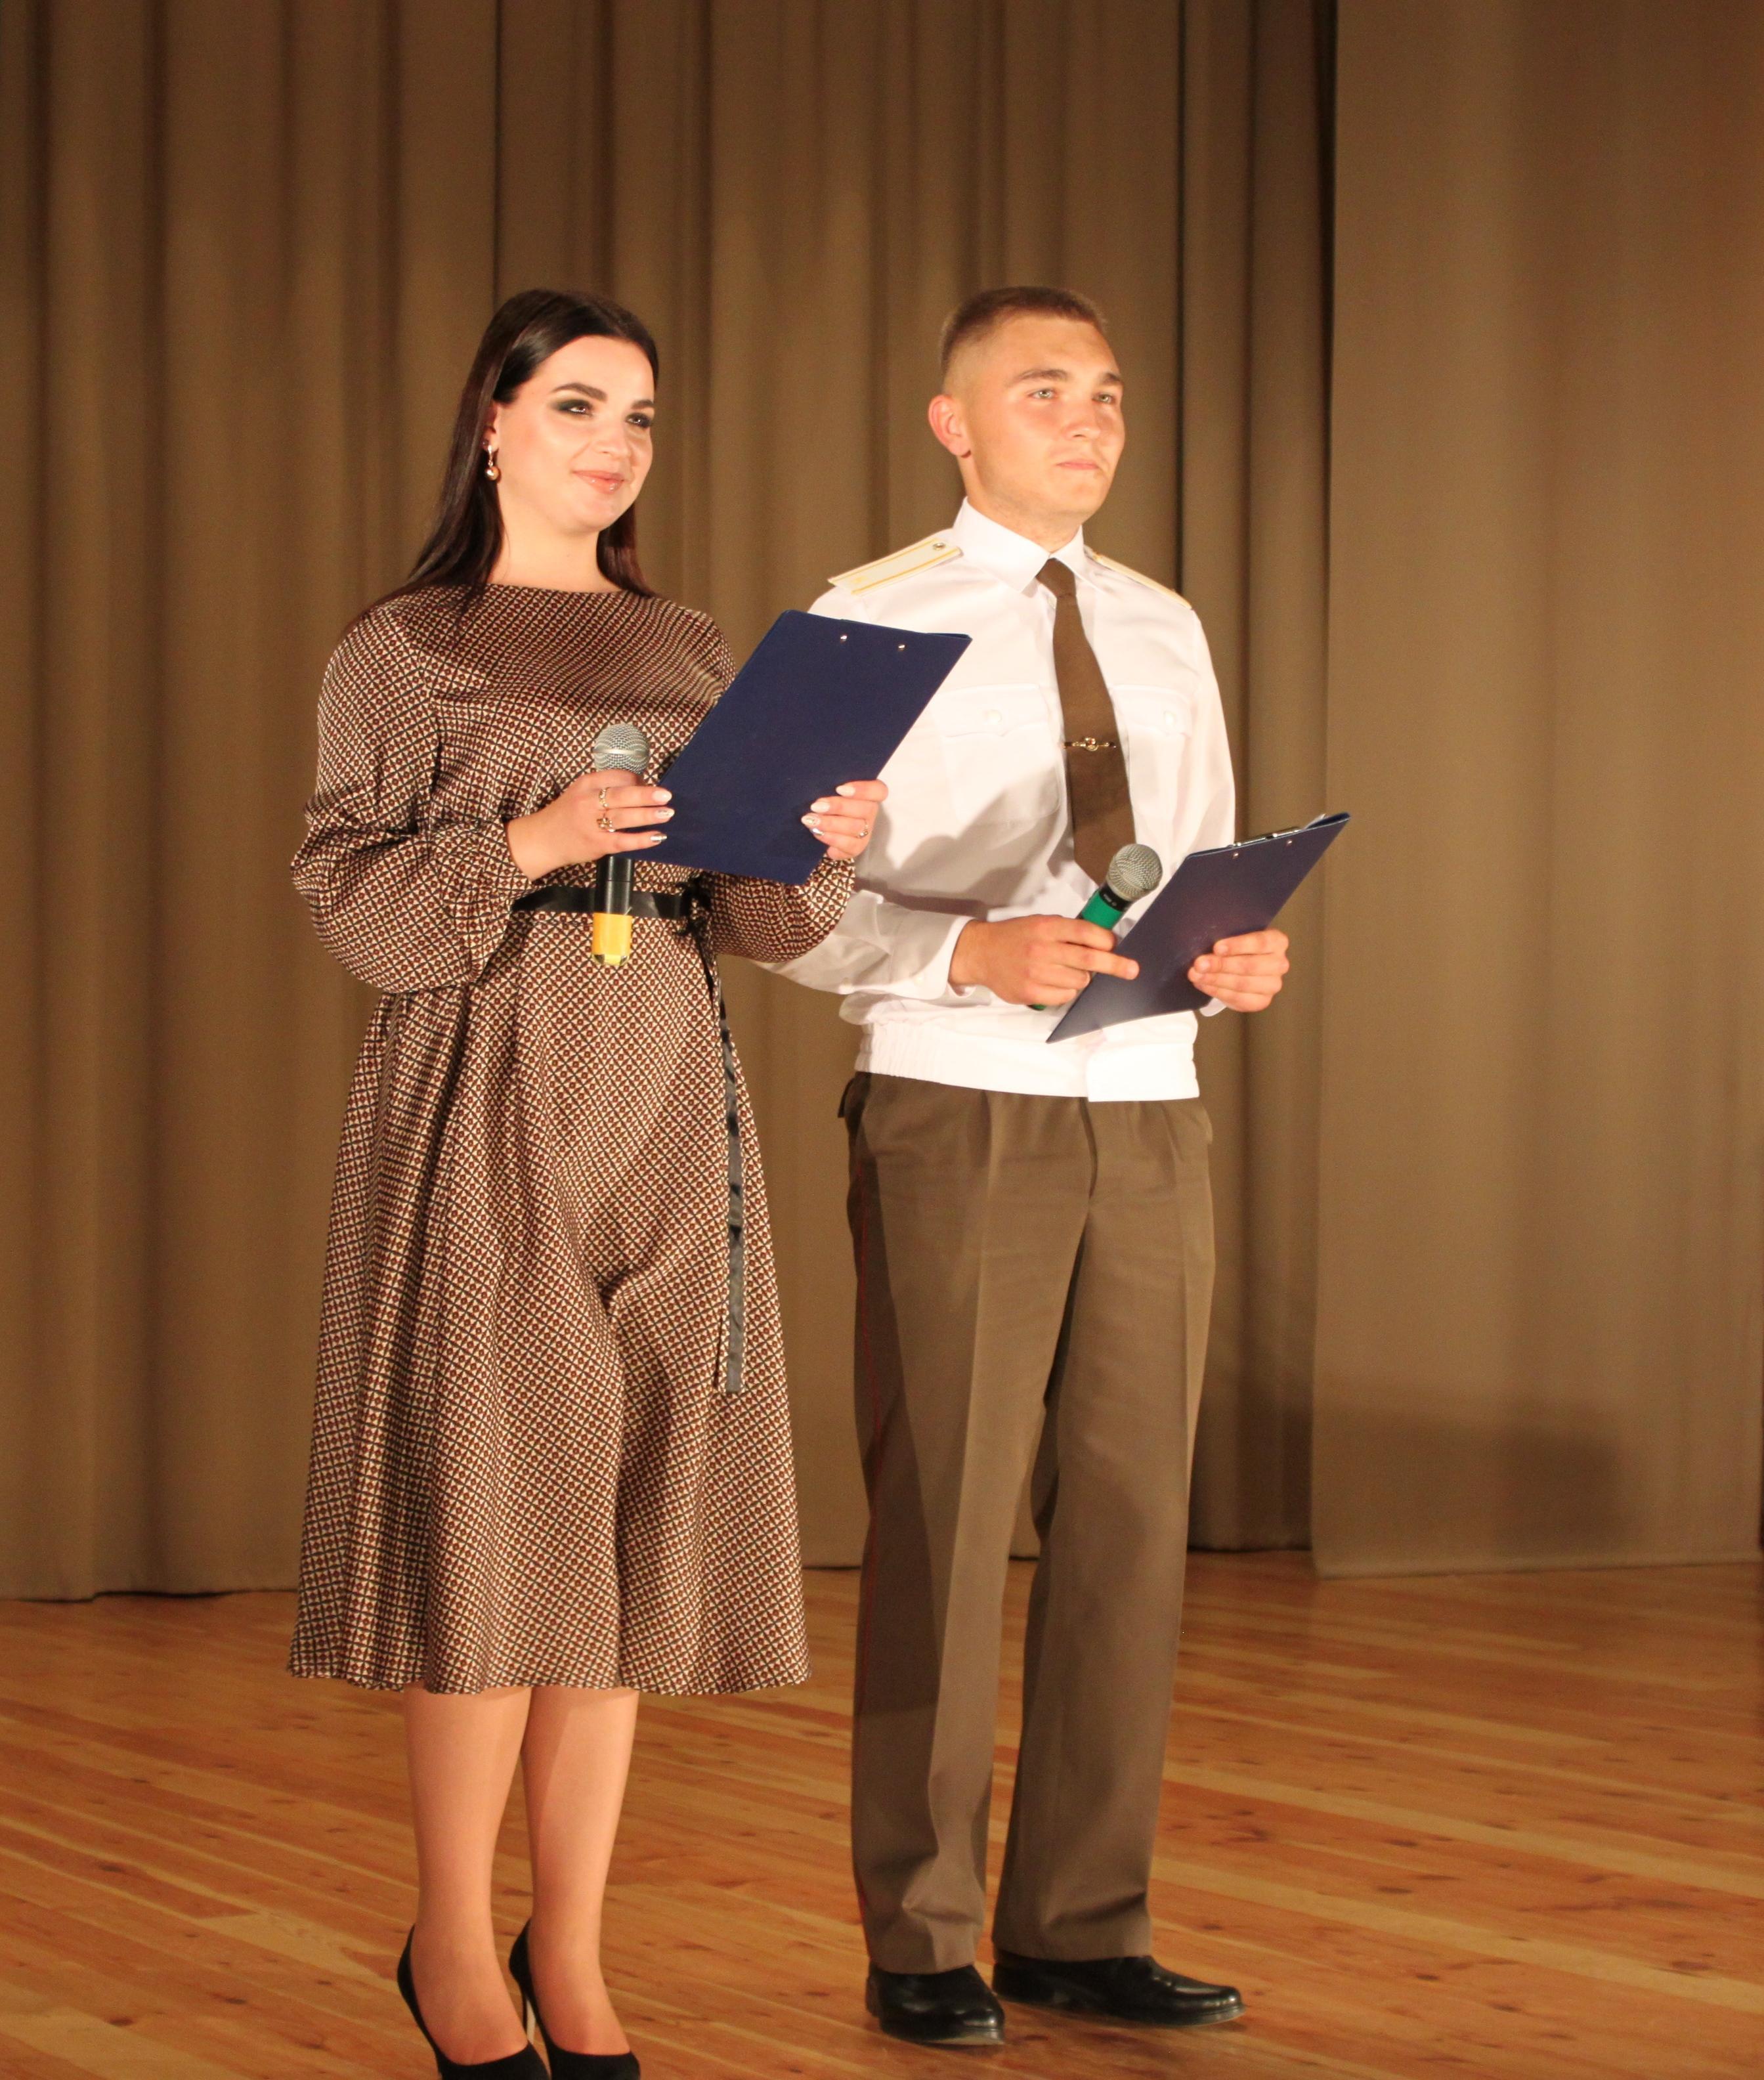 Ведущие мероприятия Анастасия Коржиц и Владислав Бурда